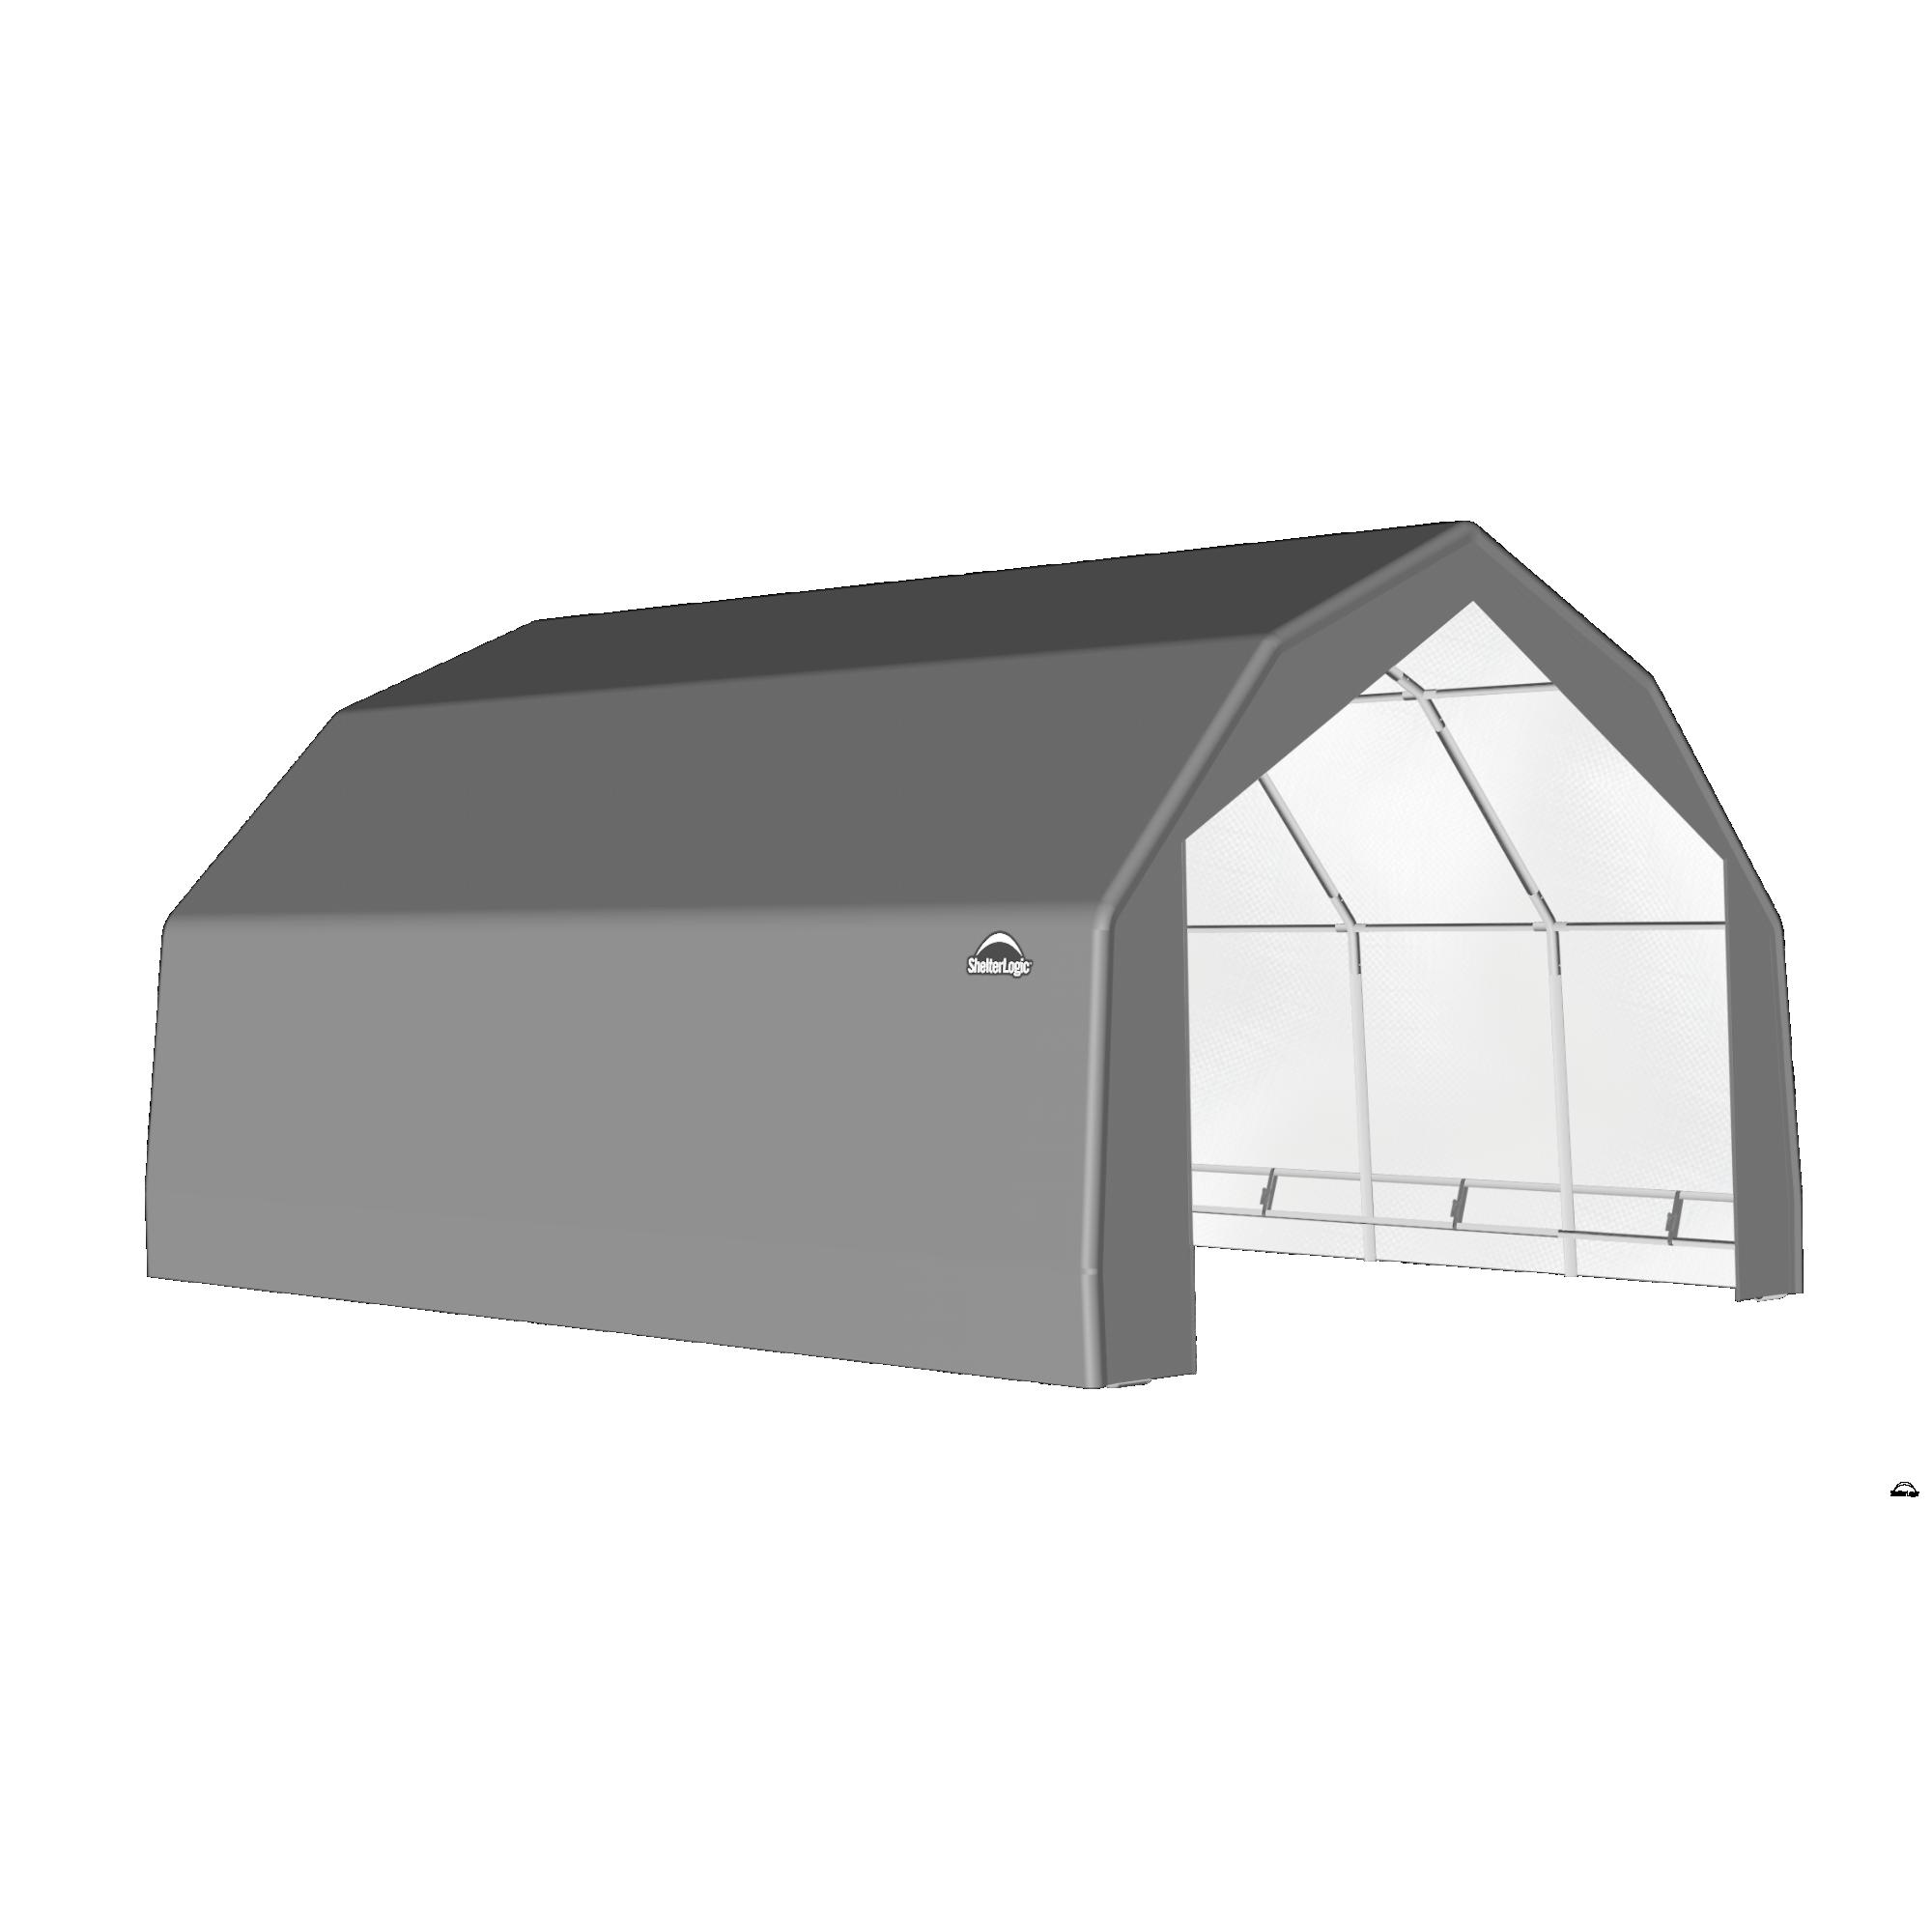 SP Barn 20X20X12 Gray 14 oz PE Shelter